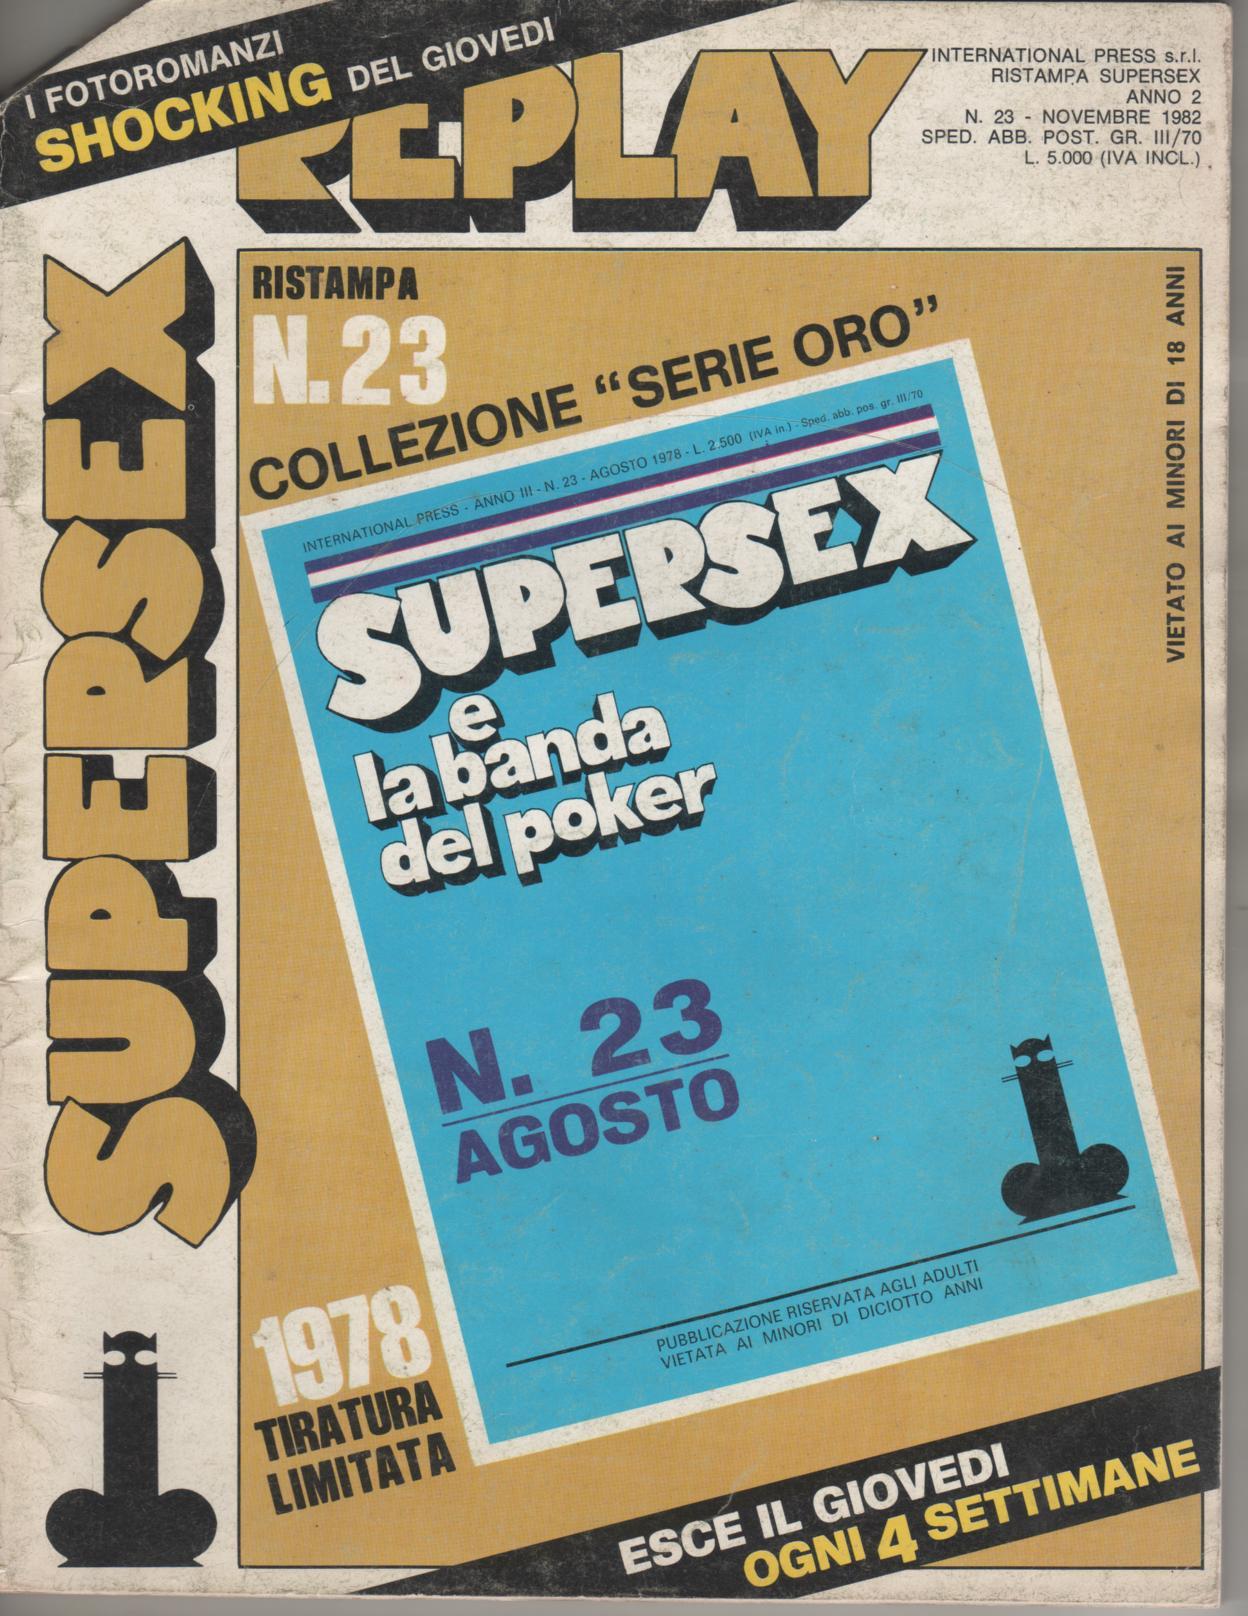 SUPERSEX  replay  N. 23    SUPERSEX E LA BANDA DEL POKER